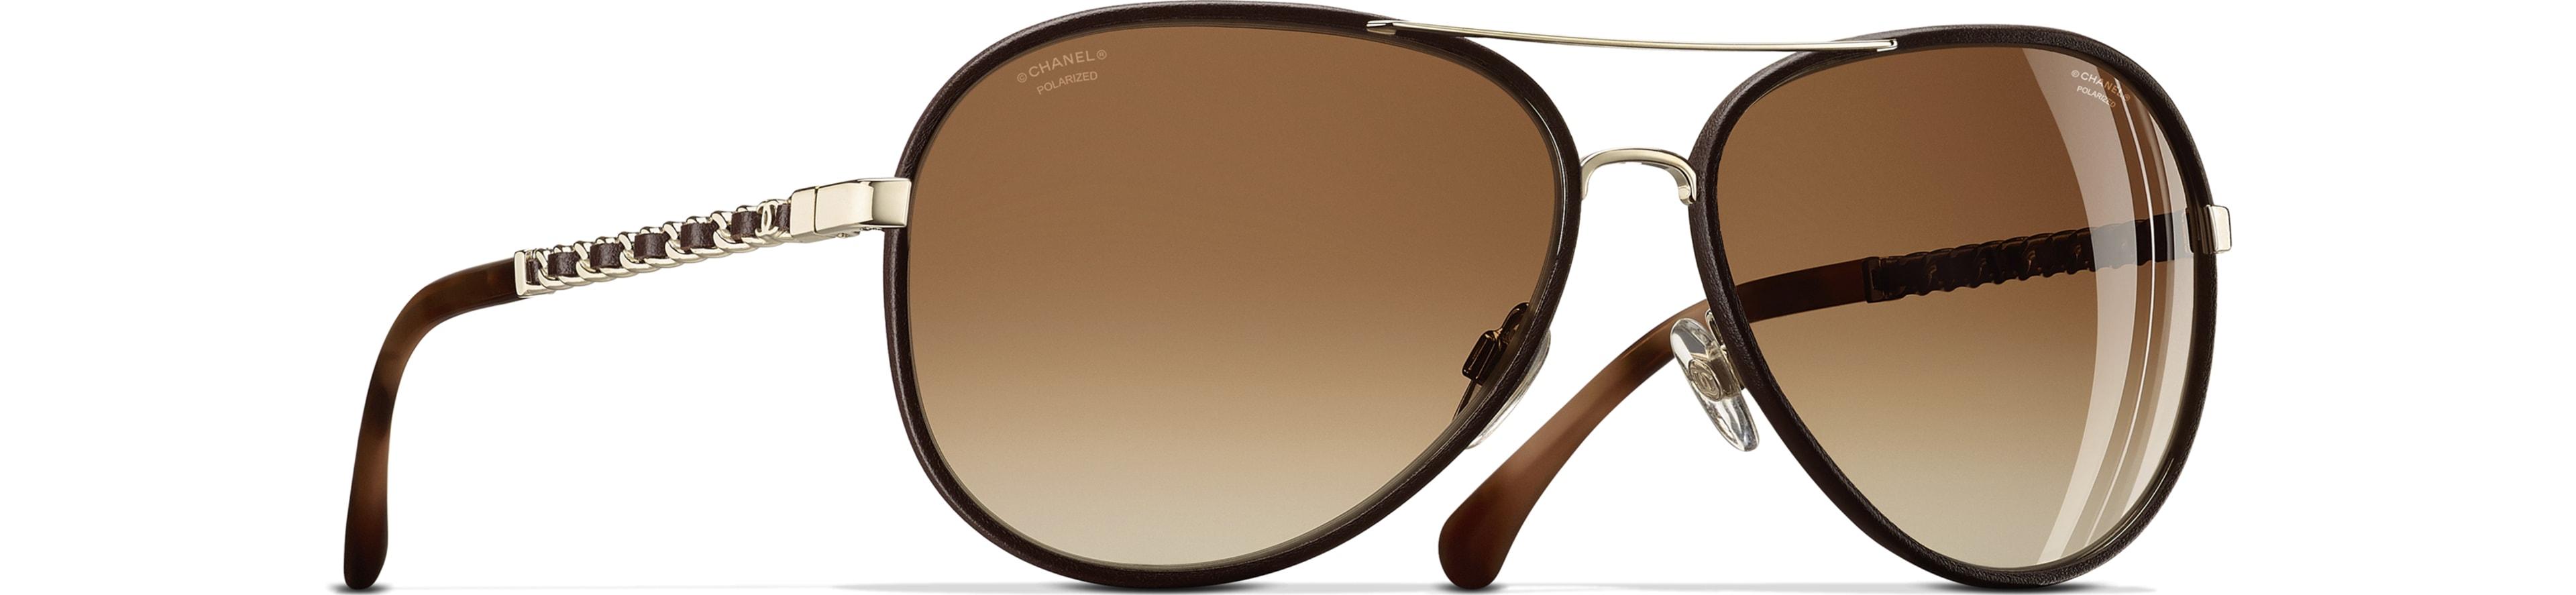 Metal & Calfskin - Polarized Lenses gold & brown frame. Brown gradient lenses